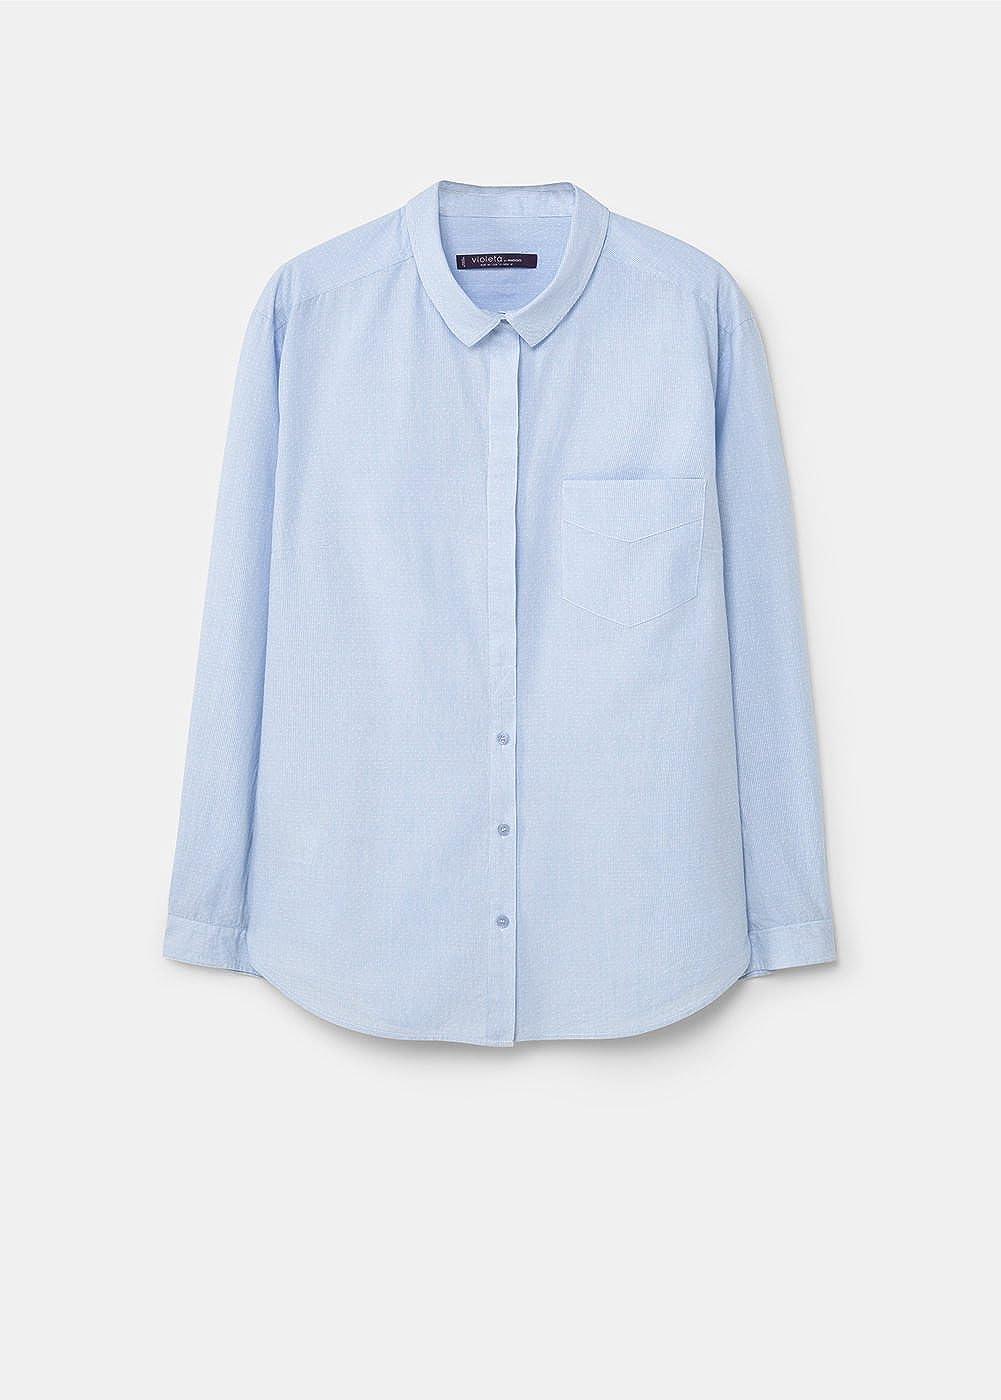 VIOLETA - Camisas - para mujer azul celeste Large: Amazon.es ...